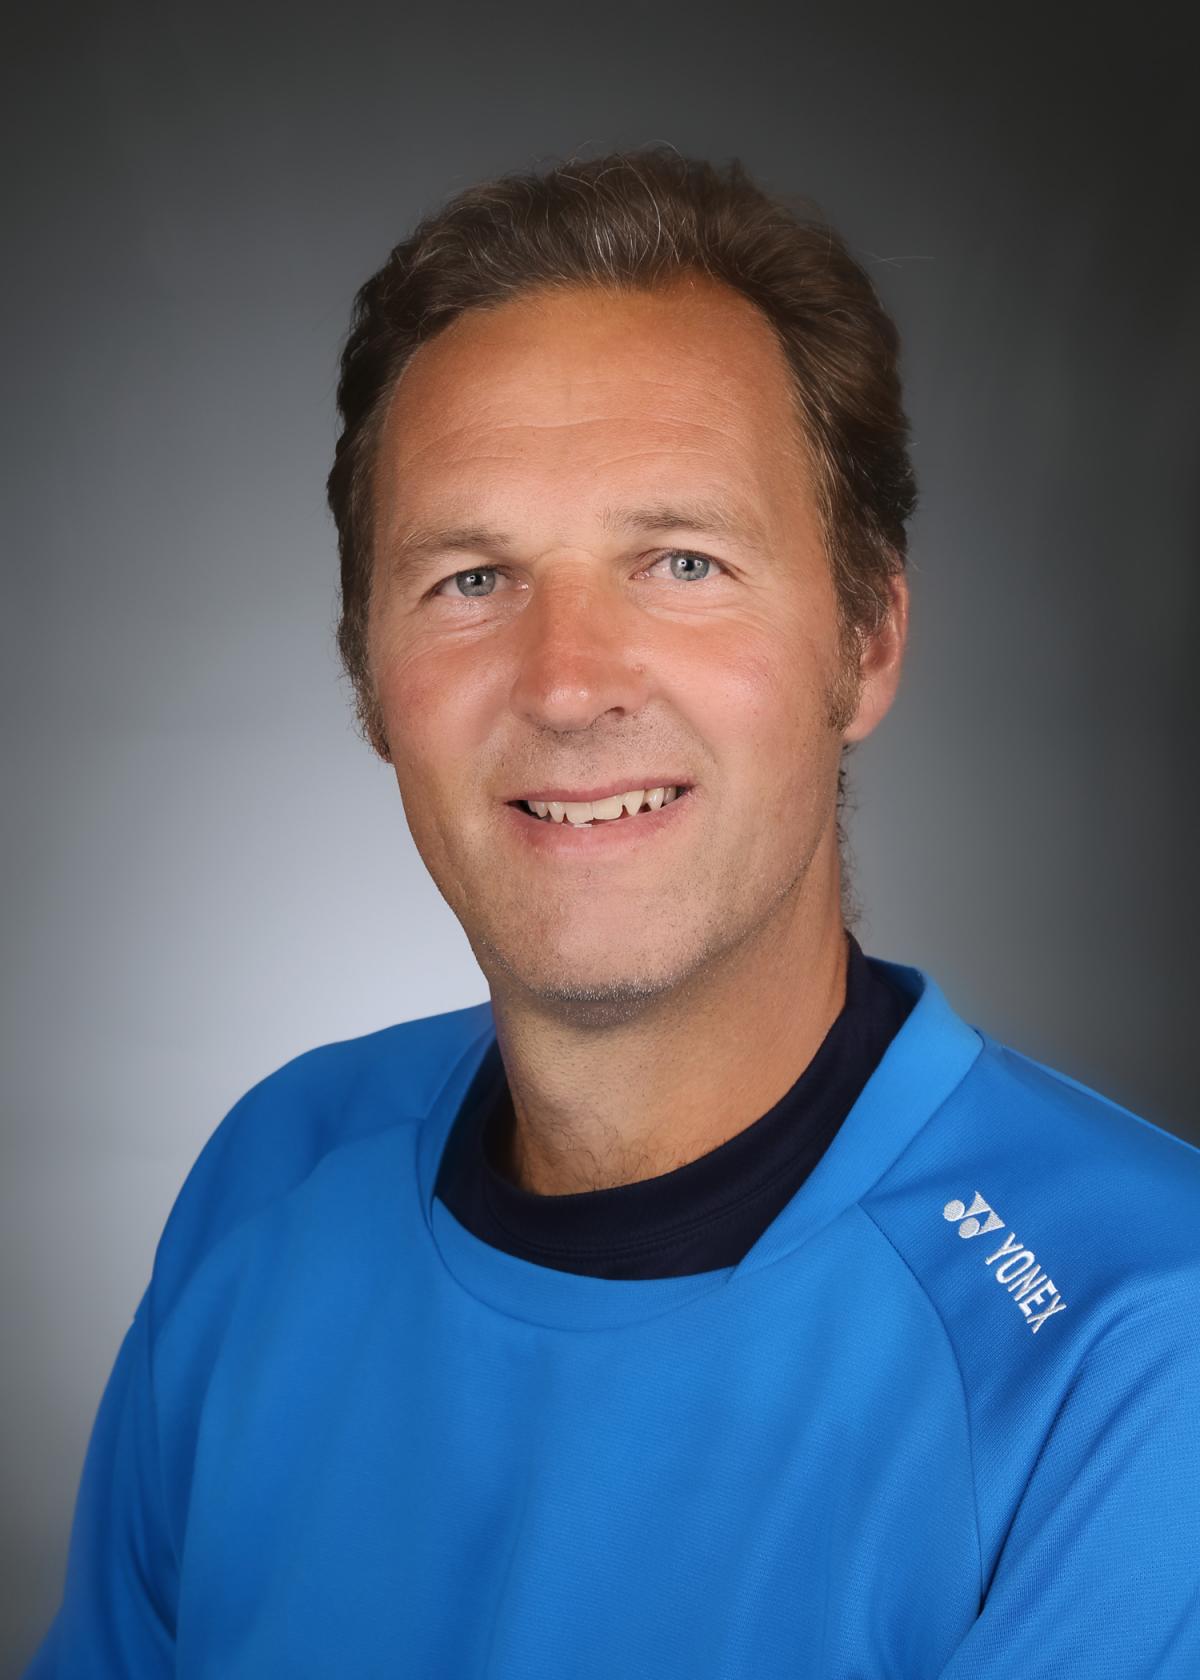 Dave Ireland